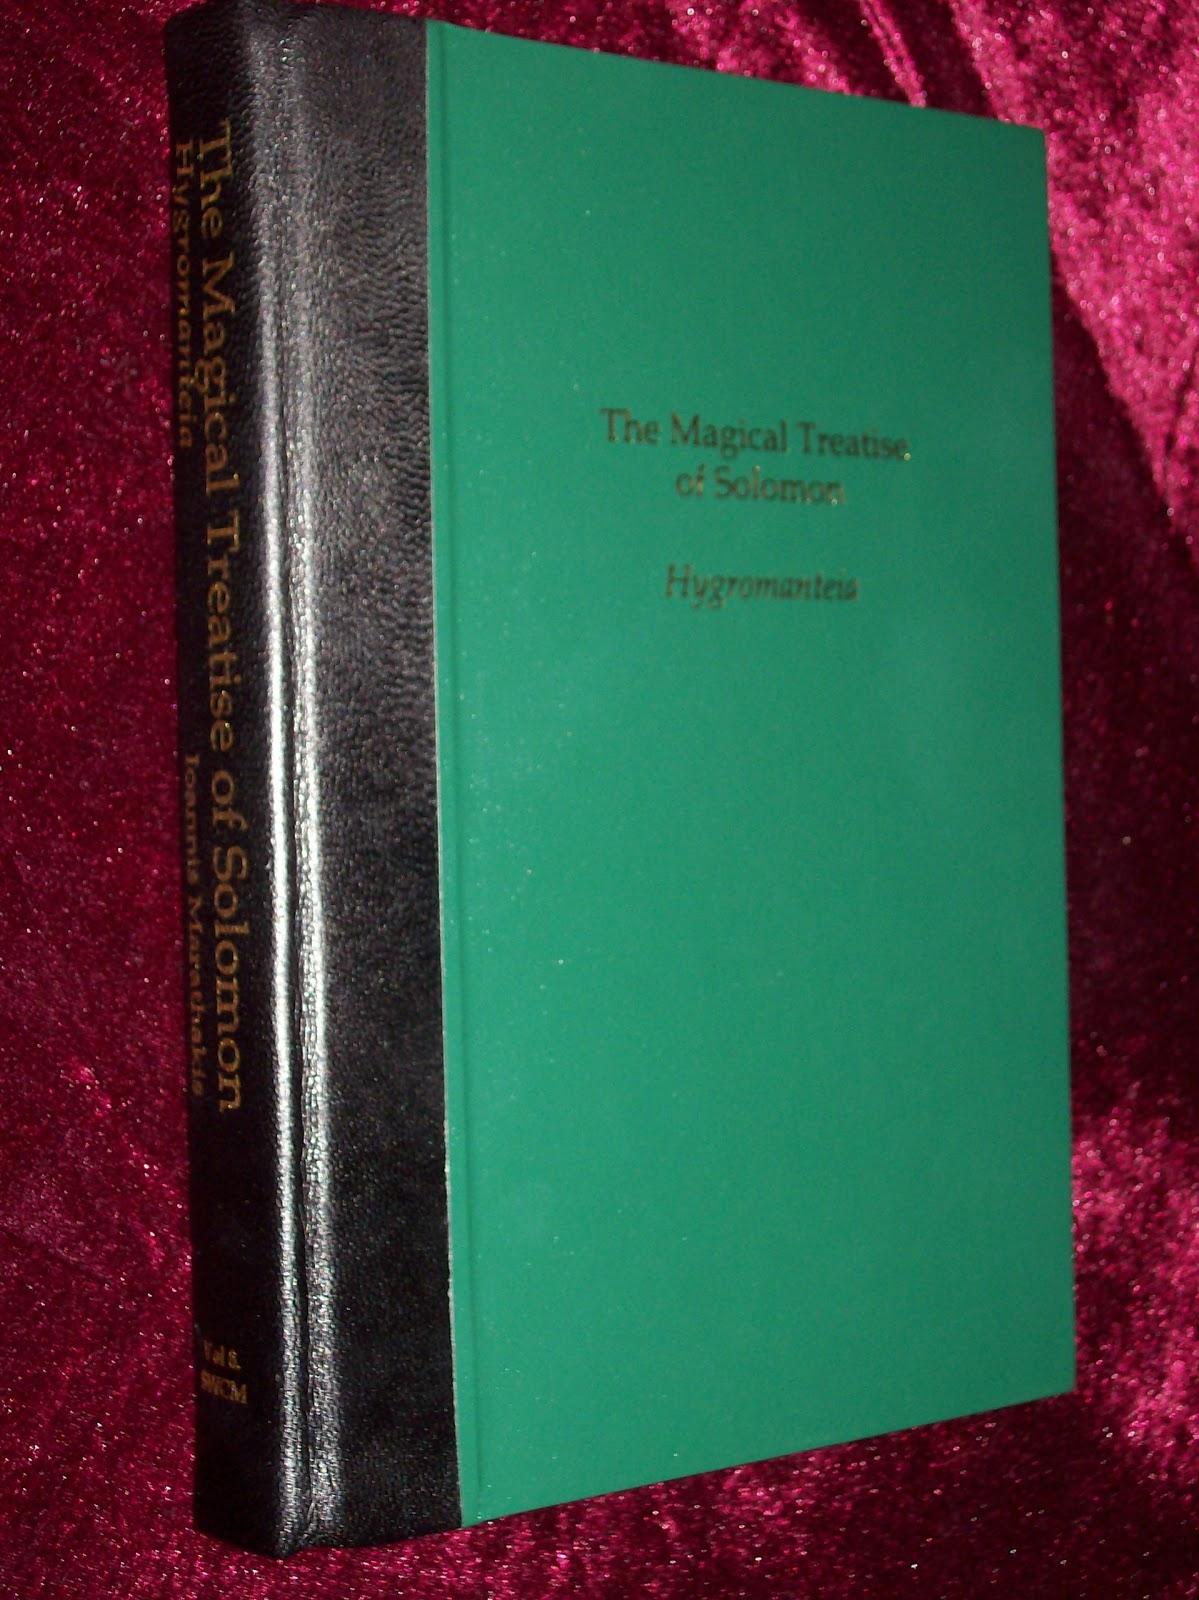 Book of solomon magic : Free mma classes in nyc